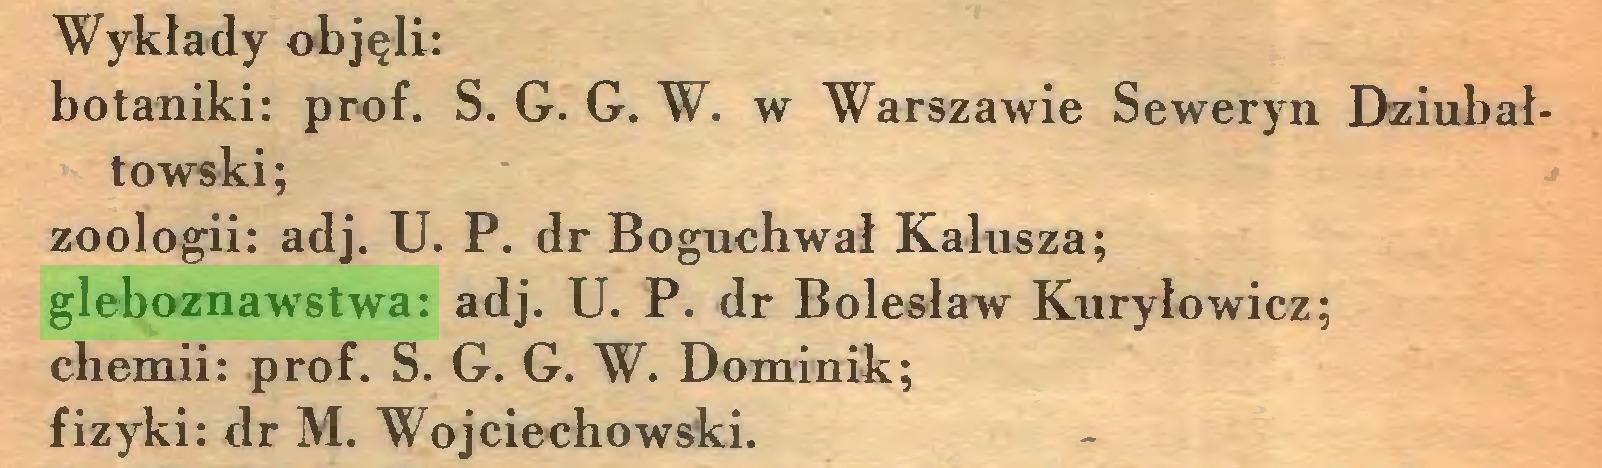 (...) Wykłady objęli: botaniki: prof. S. G. G. W. w Warszawie Seweryn Dziubałtowski; zoologii: adj. U. P. dr Boguchwał Kałusza; gleboznawstwa: adj. U. P. dr Bolesław Kuryłowicz; chemii: prof. S. G. G. W. Dominik; fizyki: dr M. Wojciechowski...